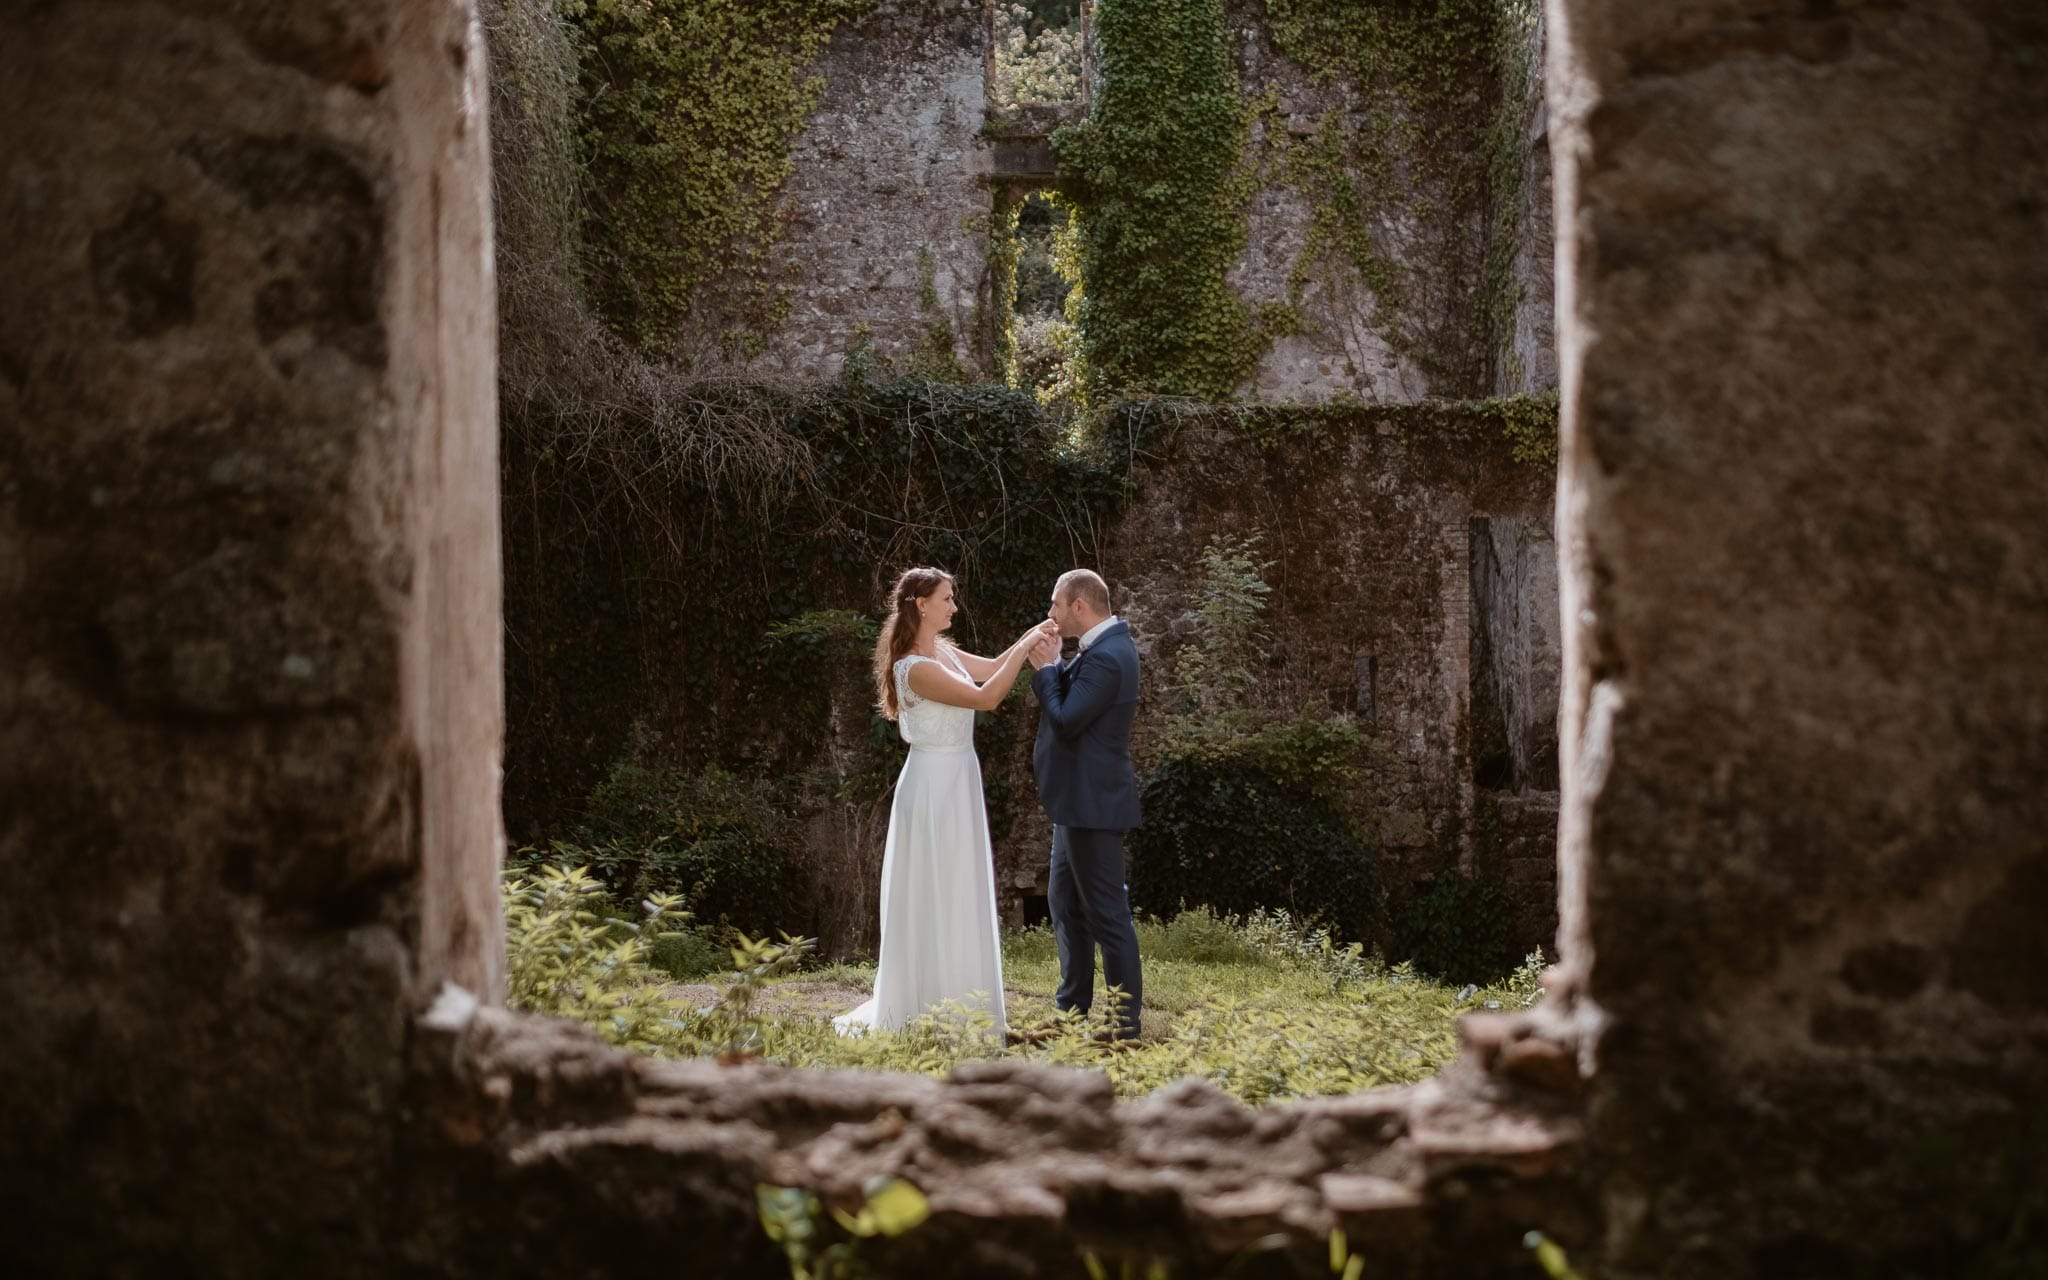 Séance couple après mariage naturelle et romantique près d'une rivière dans une vallée de roches en Vendée par Geoffrey Arnoldy photographe